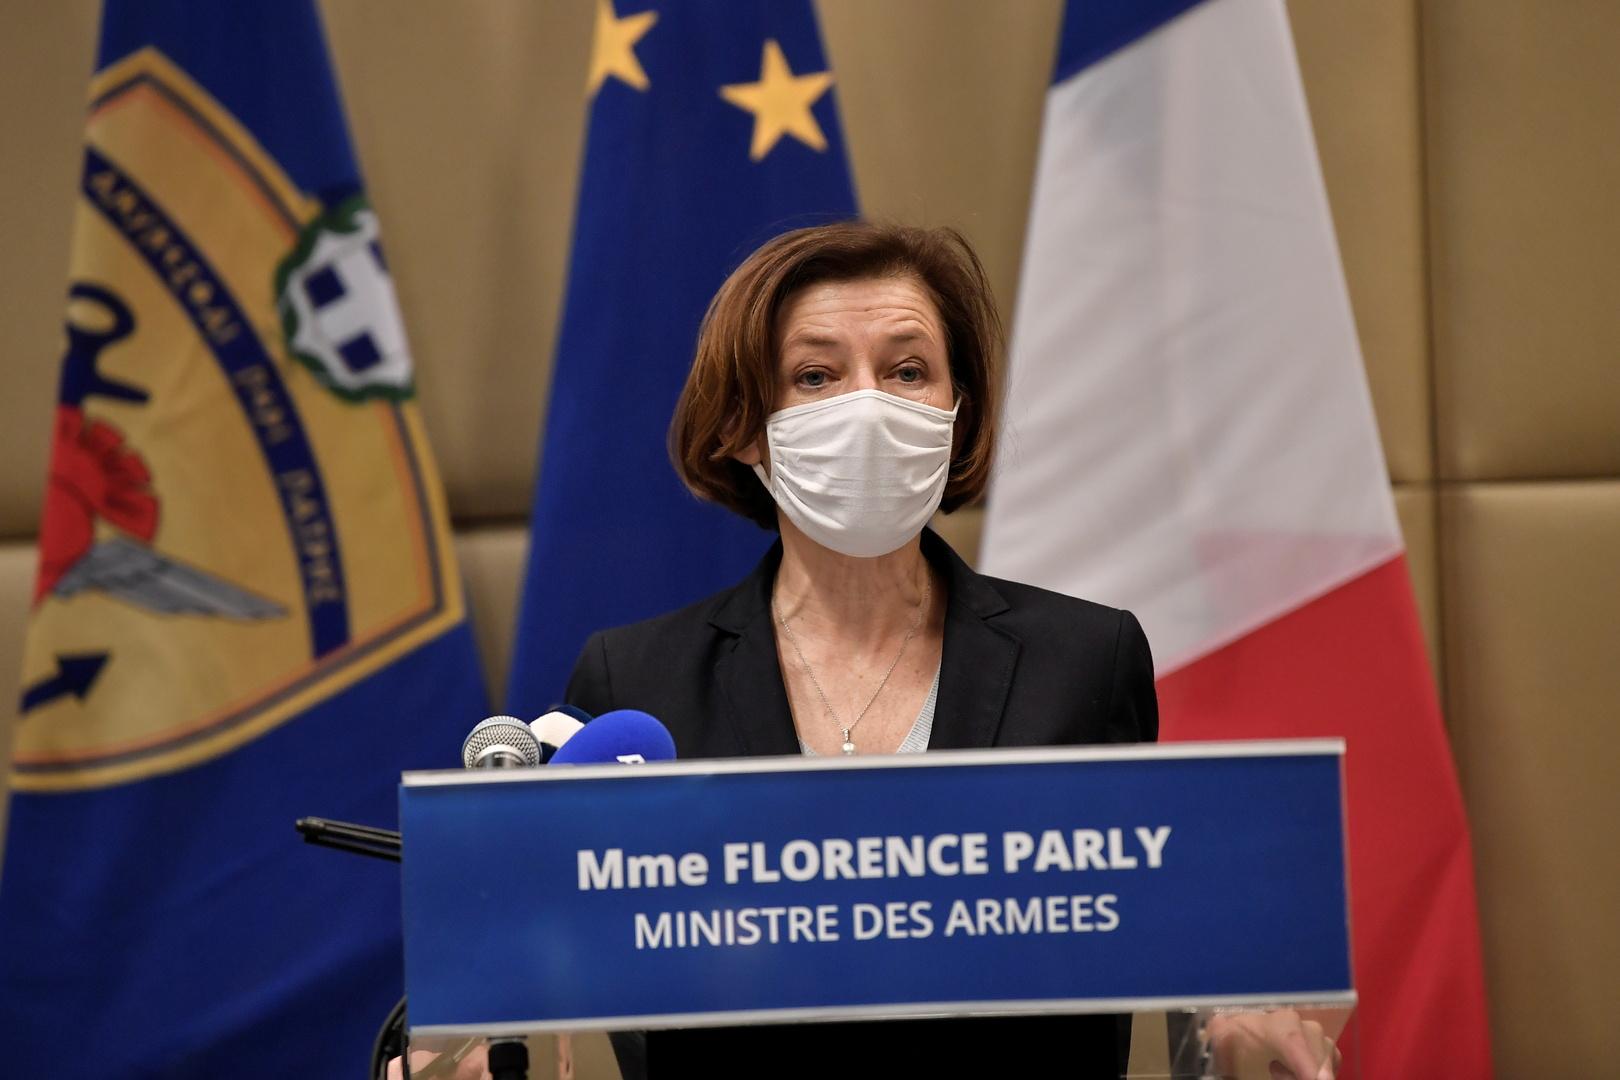 وزيرة الدفاع الفرنسية: دعم الجنود المتقاعدين للوبان